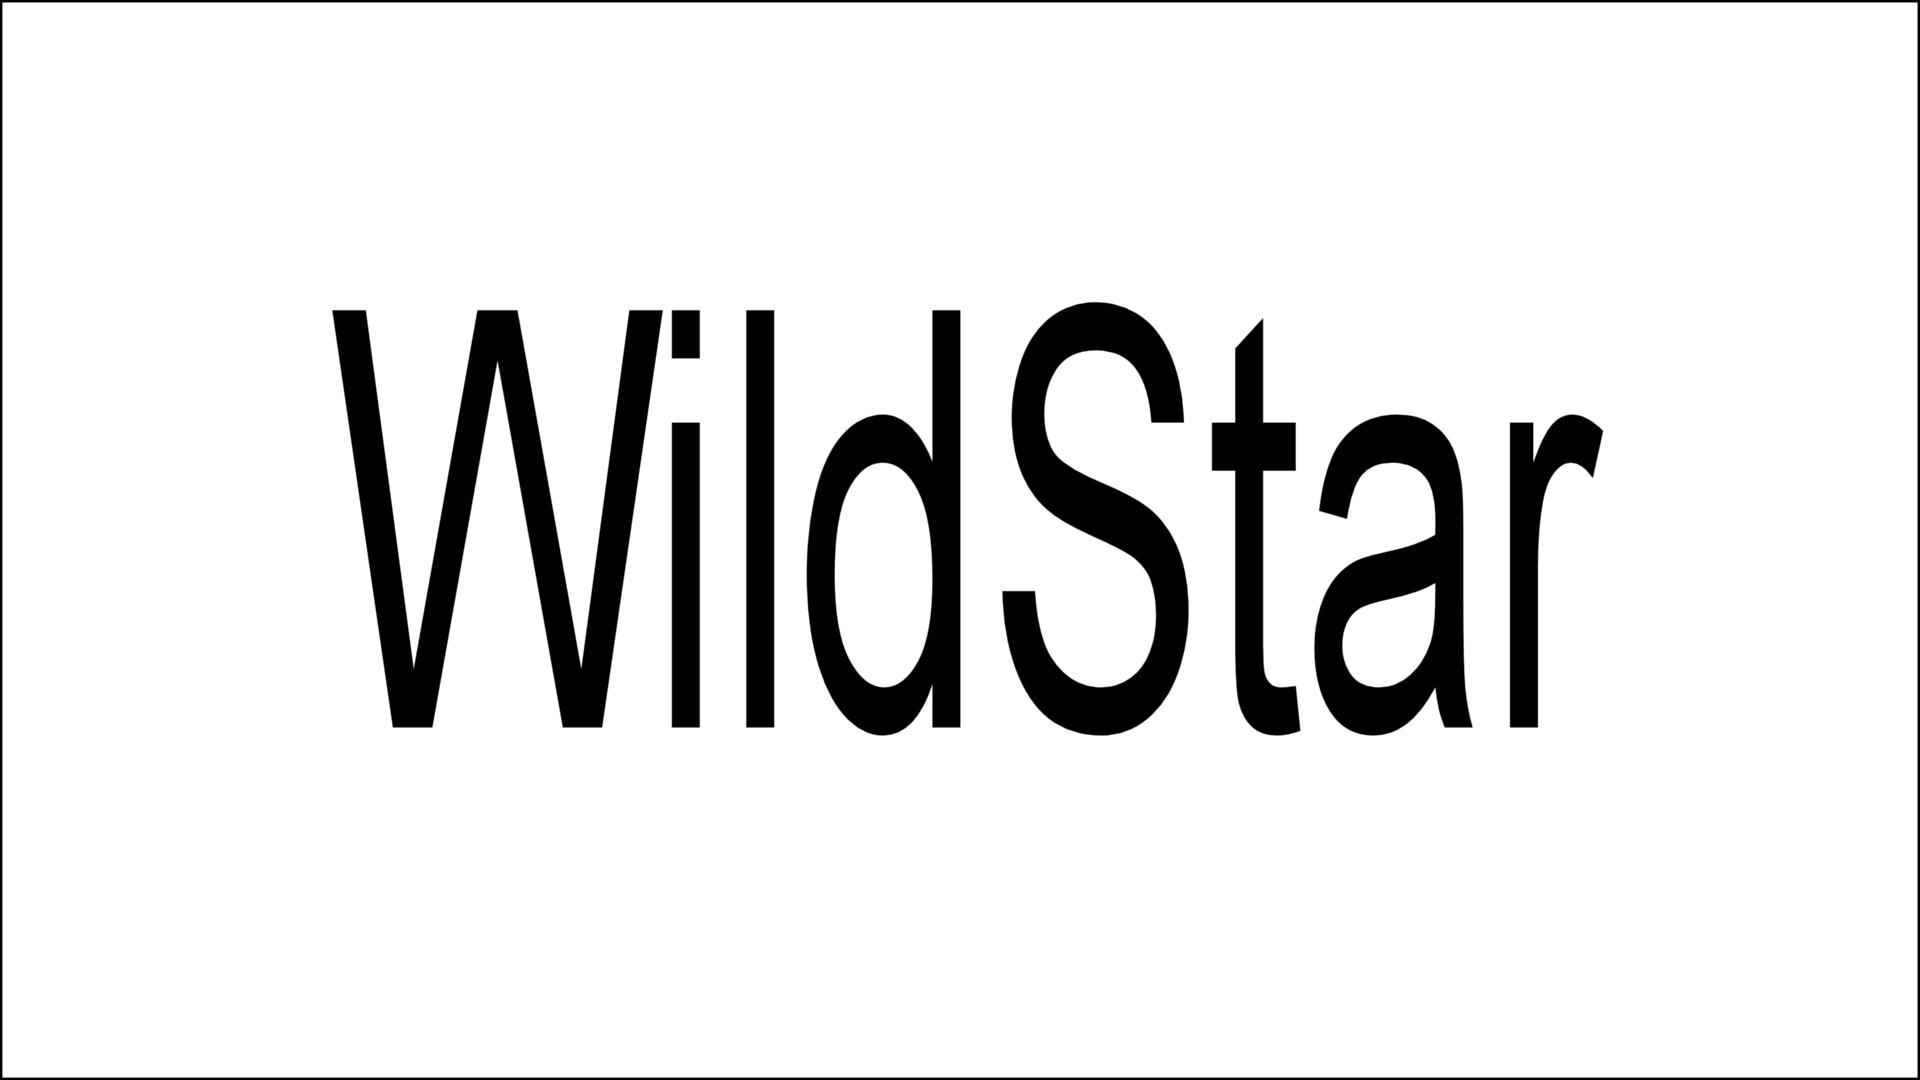 Wildstar_059_1.jpg